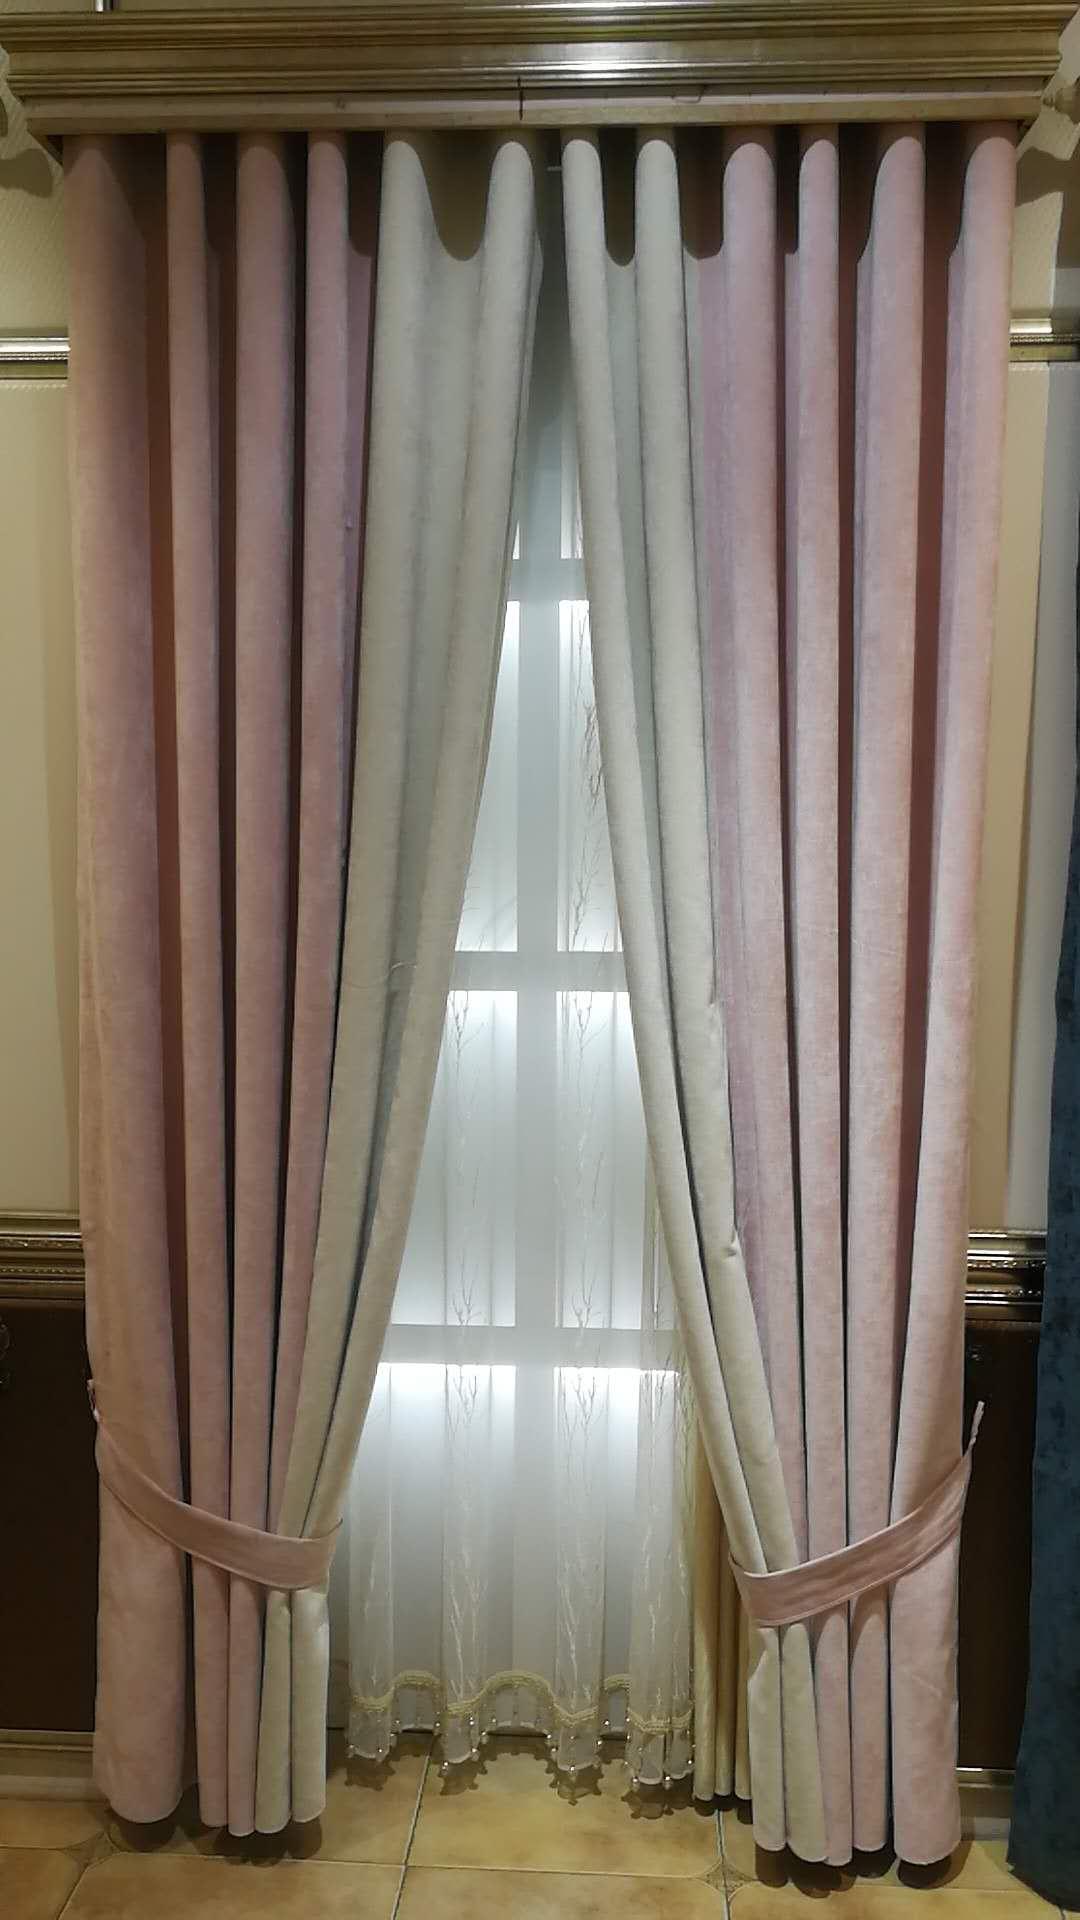 实惠的雪尼尔提花窗帘供应,雪尼尔提花窗帘供应商